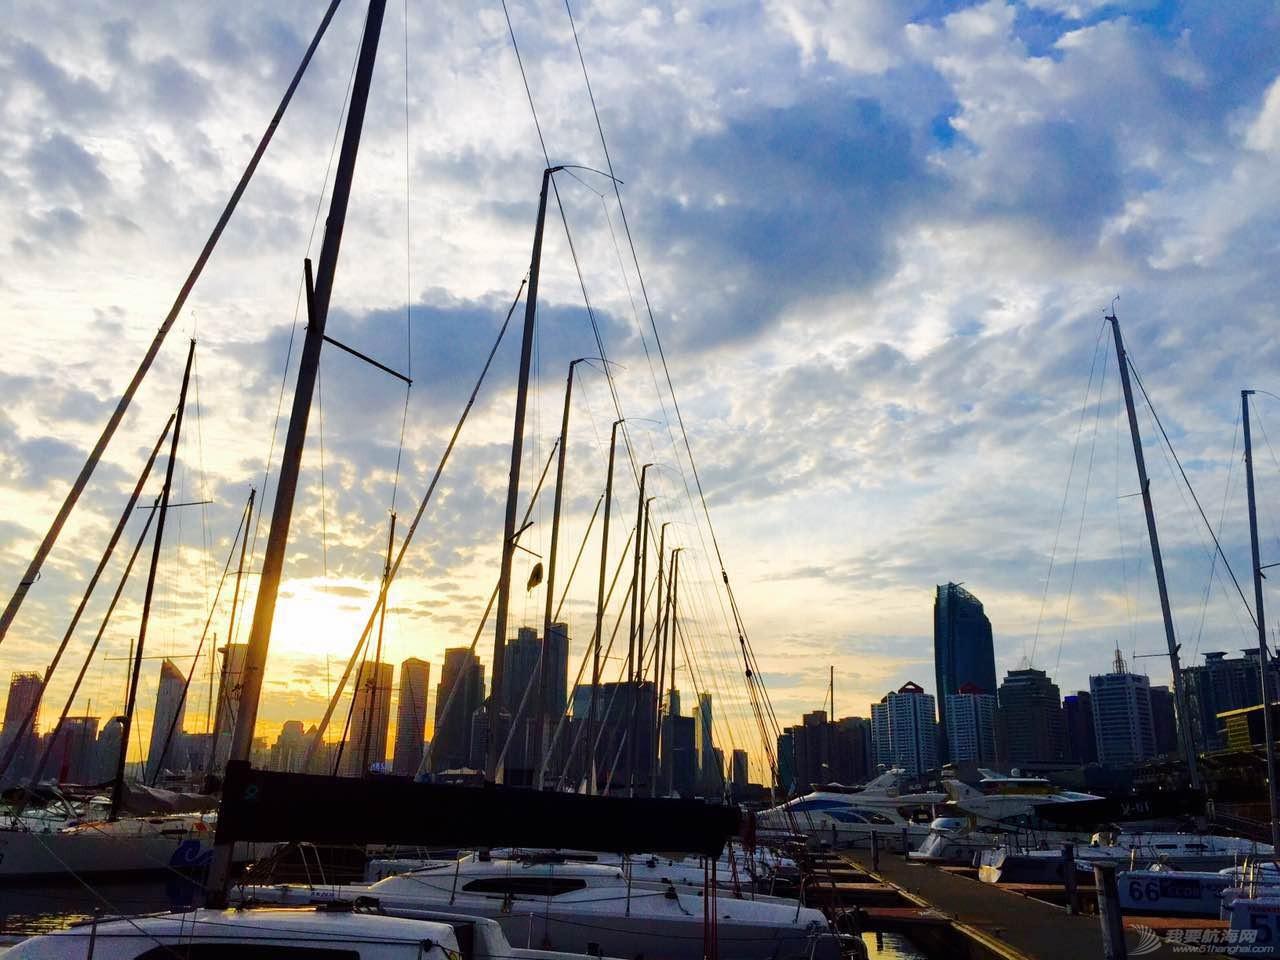 玩儿帆船是一种生活方式 IMG_9097.JPG